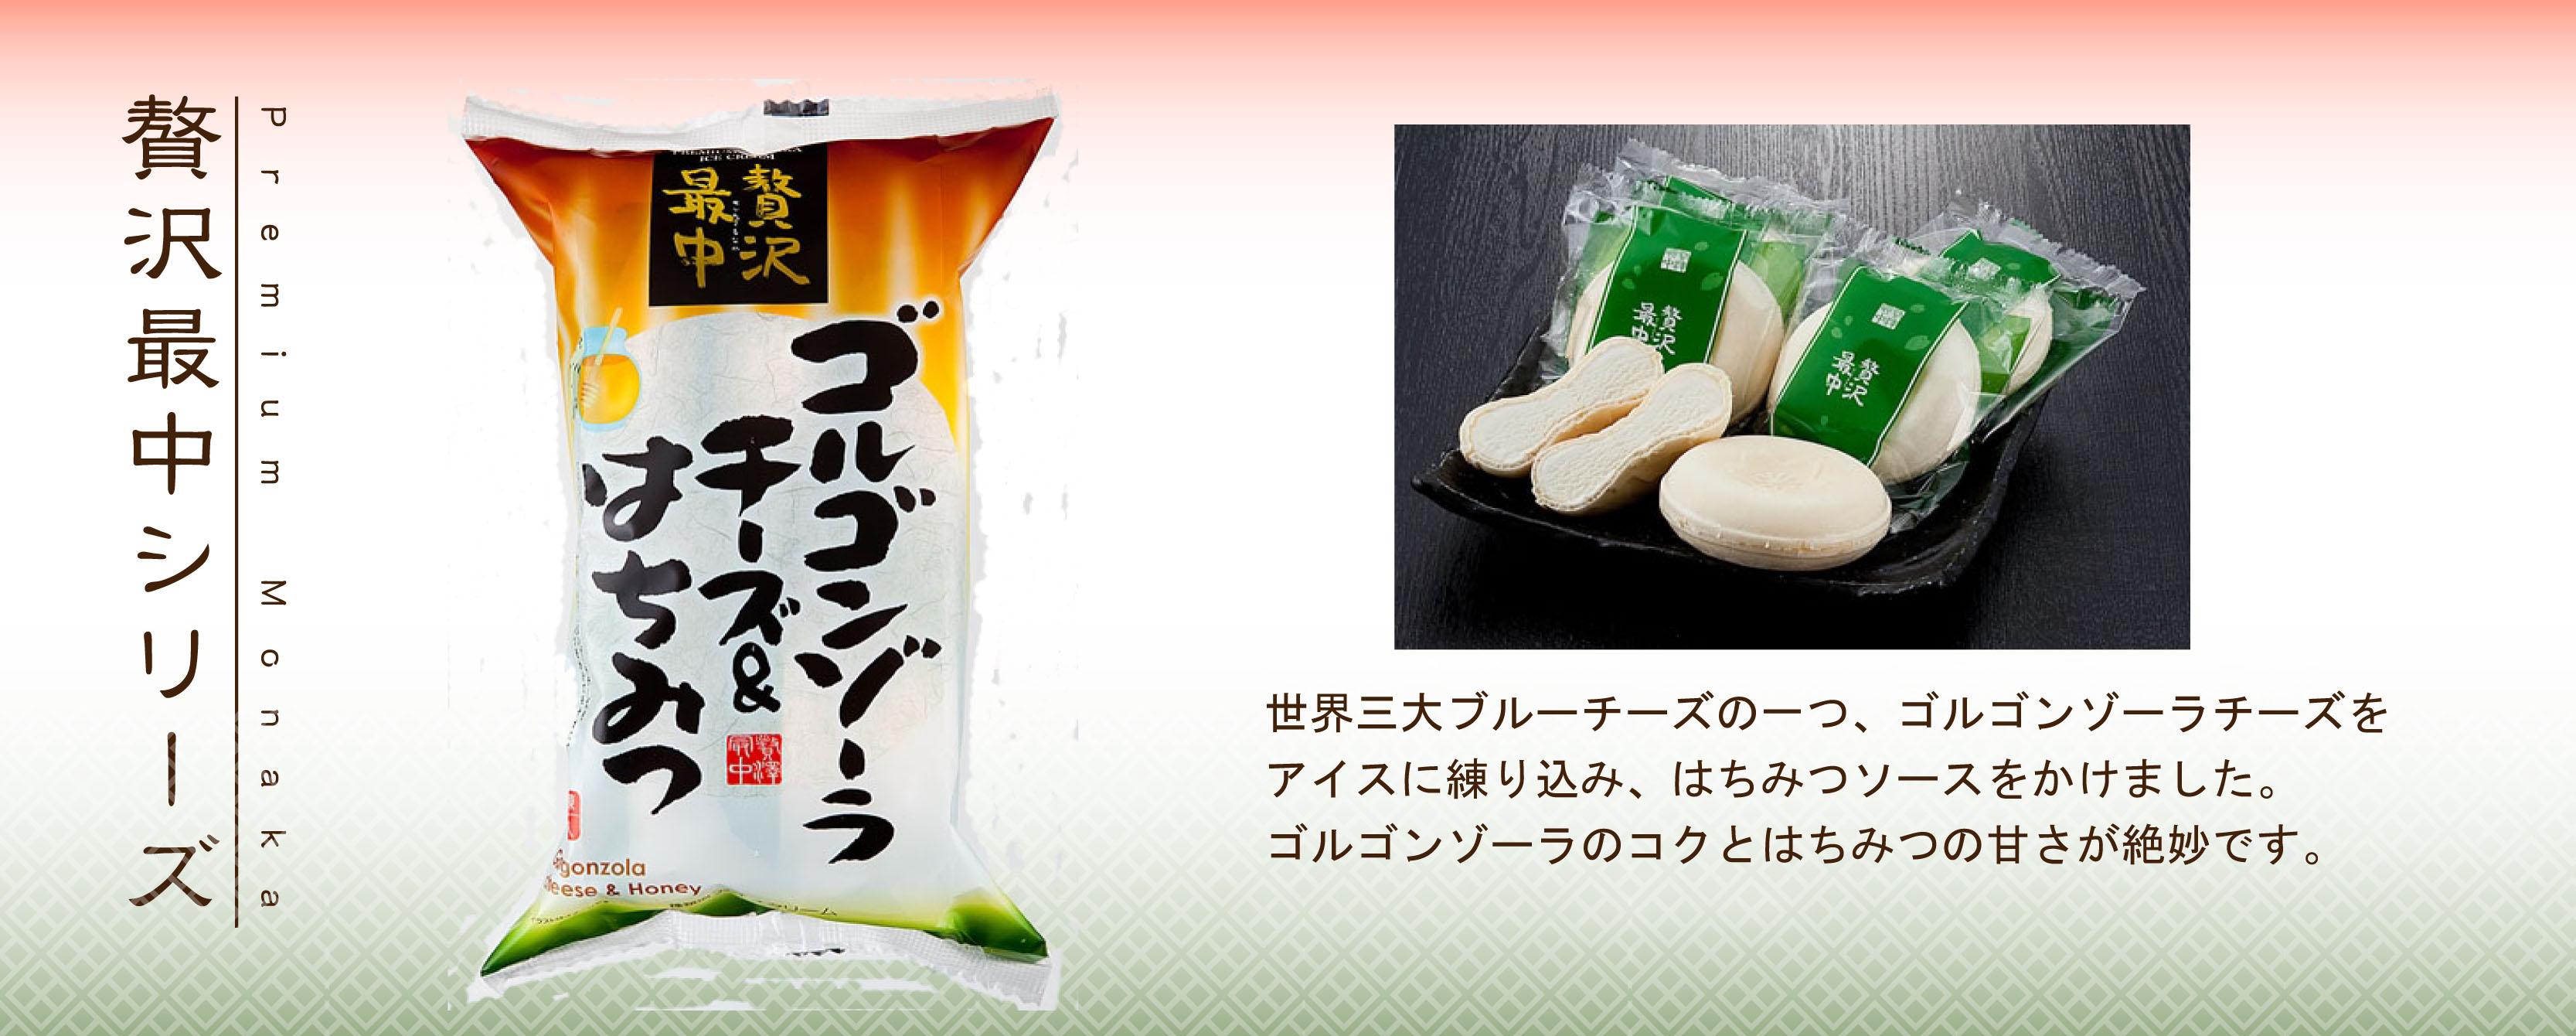 新潟茶豆アイスモナカ